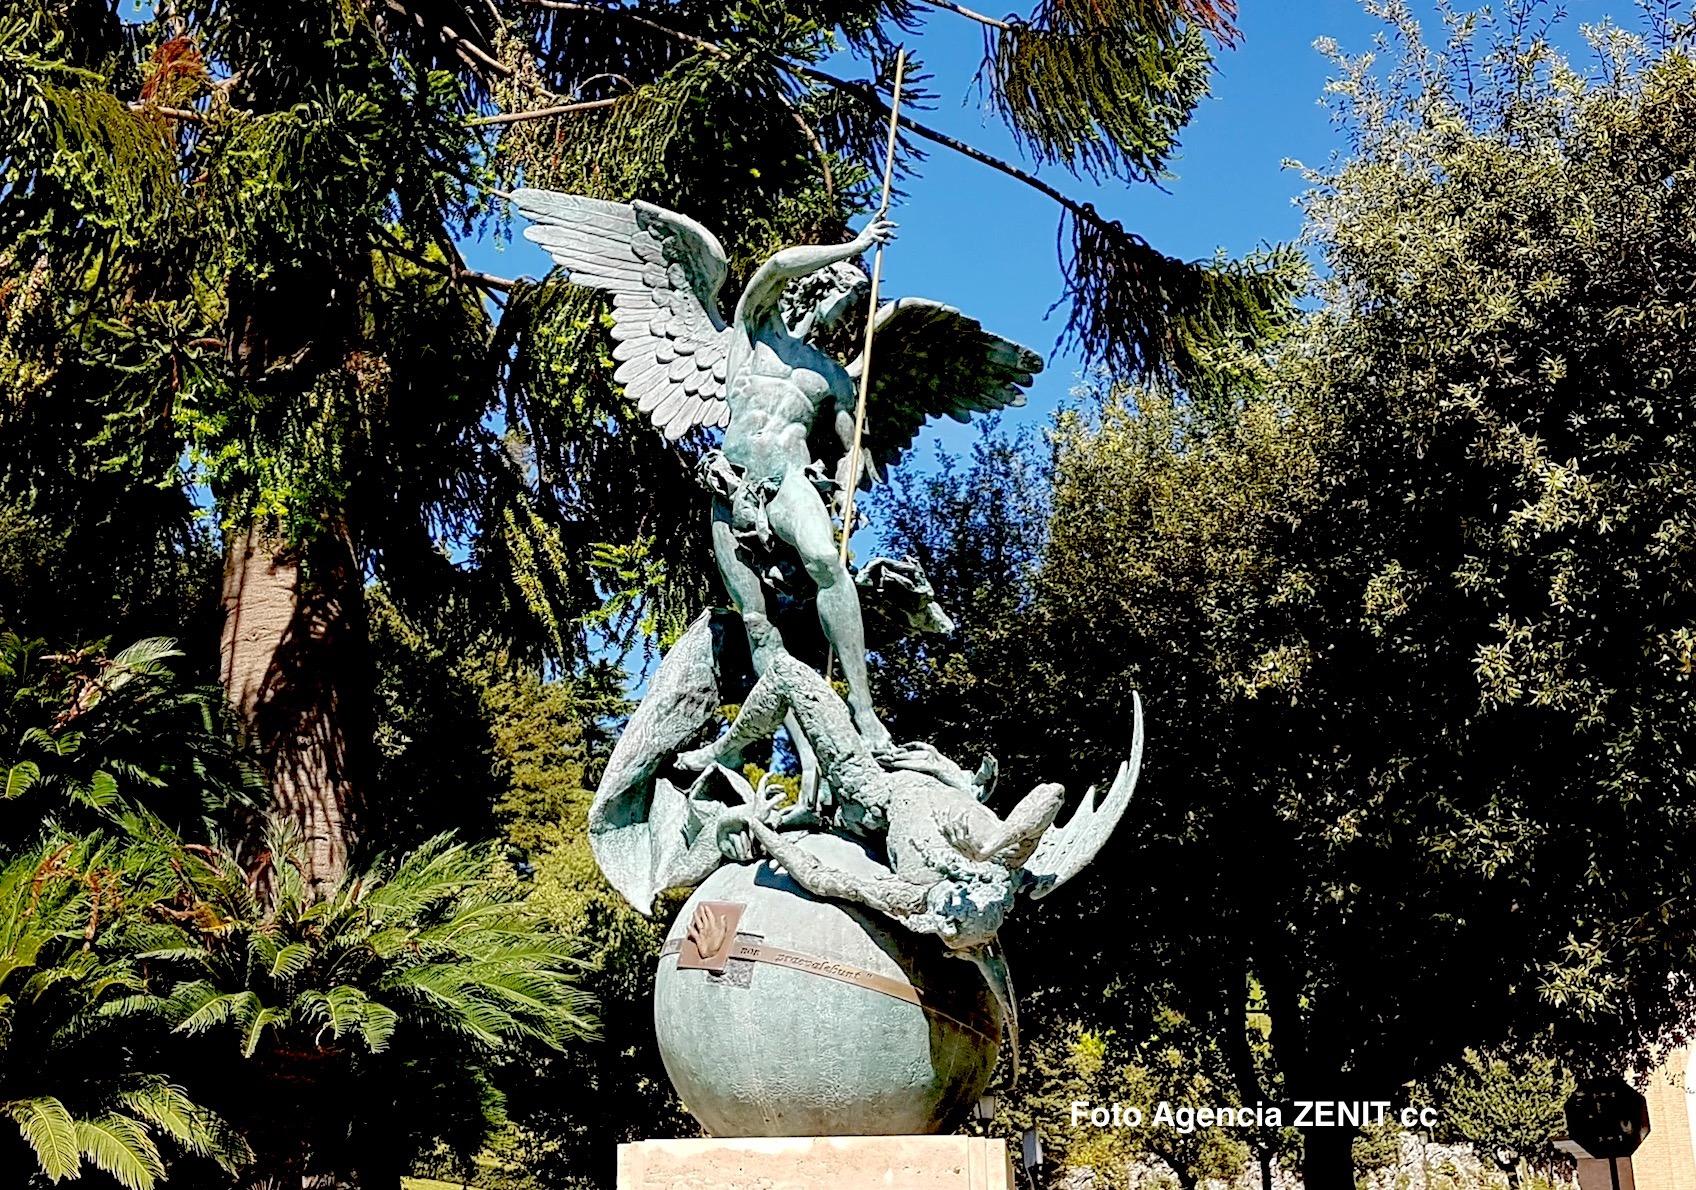 Statue of Archangel Michael in Vatican Gardens